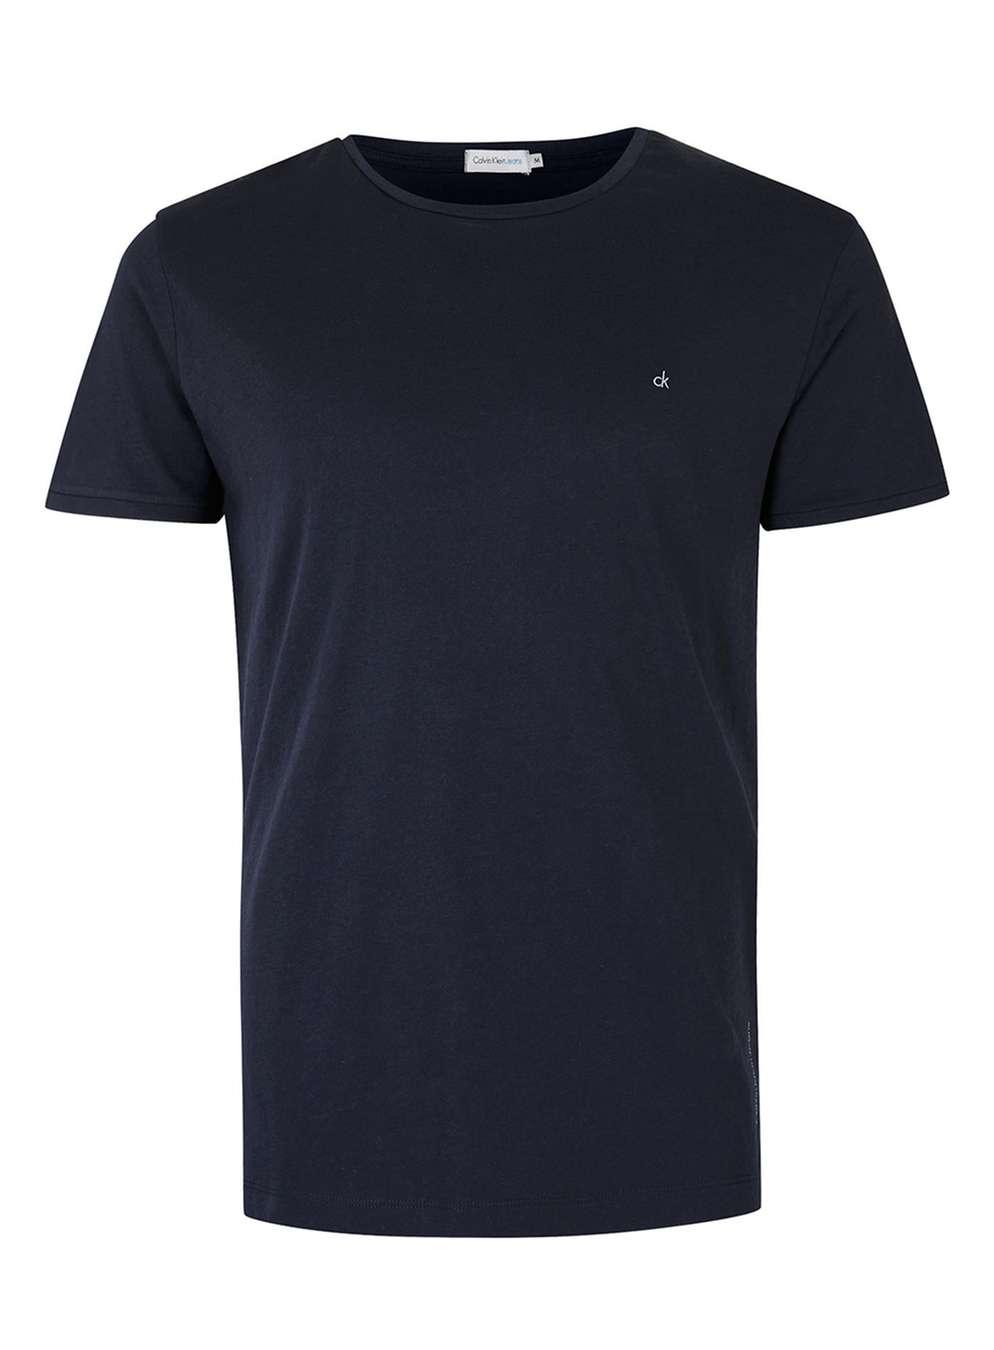 CALVIN KLEIN t-shirt, £25 ( topman.com )